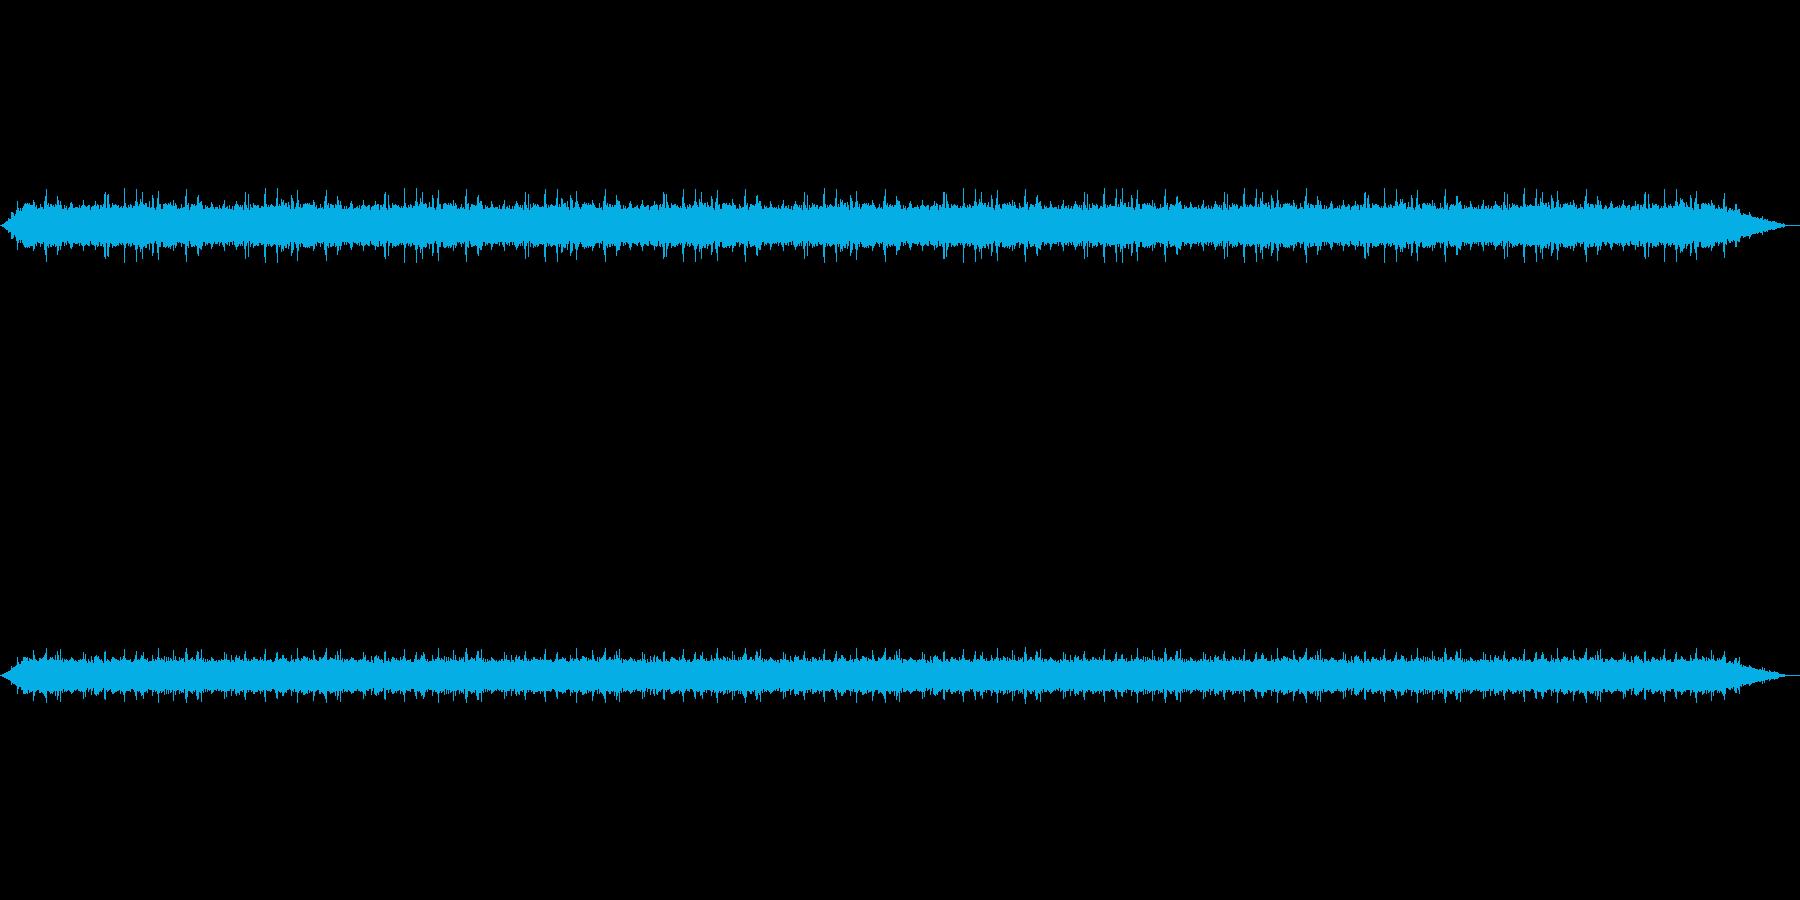 【雨 生録 環境03-1】の再生済みの波形